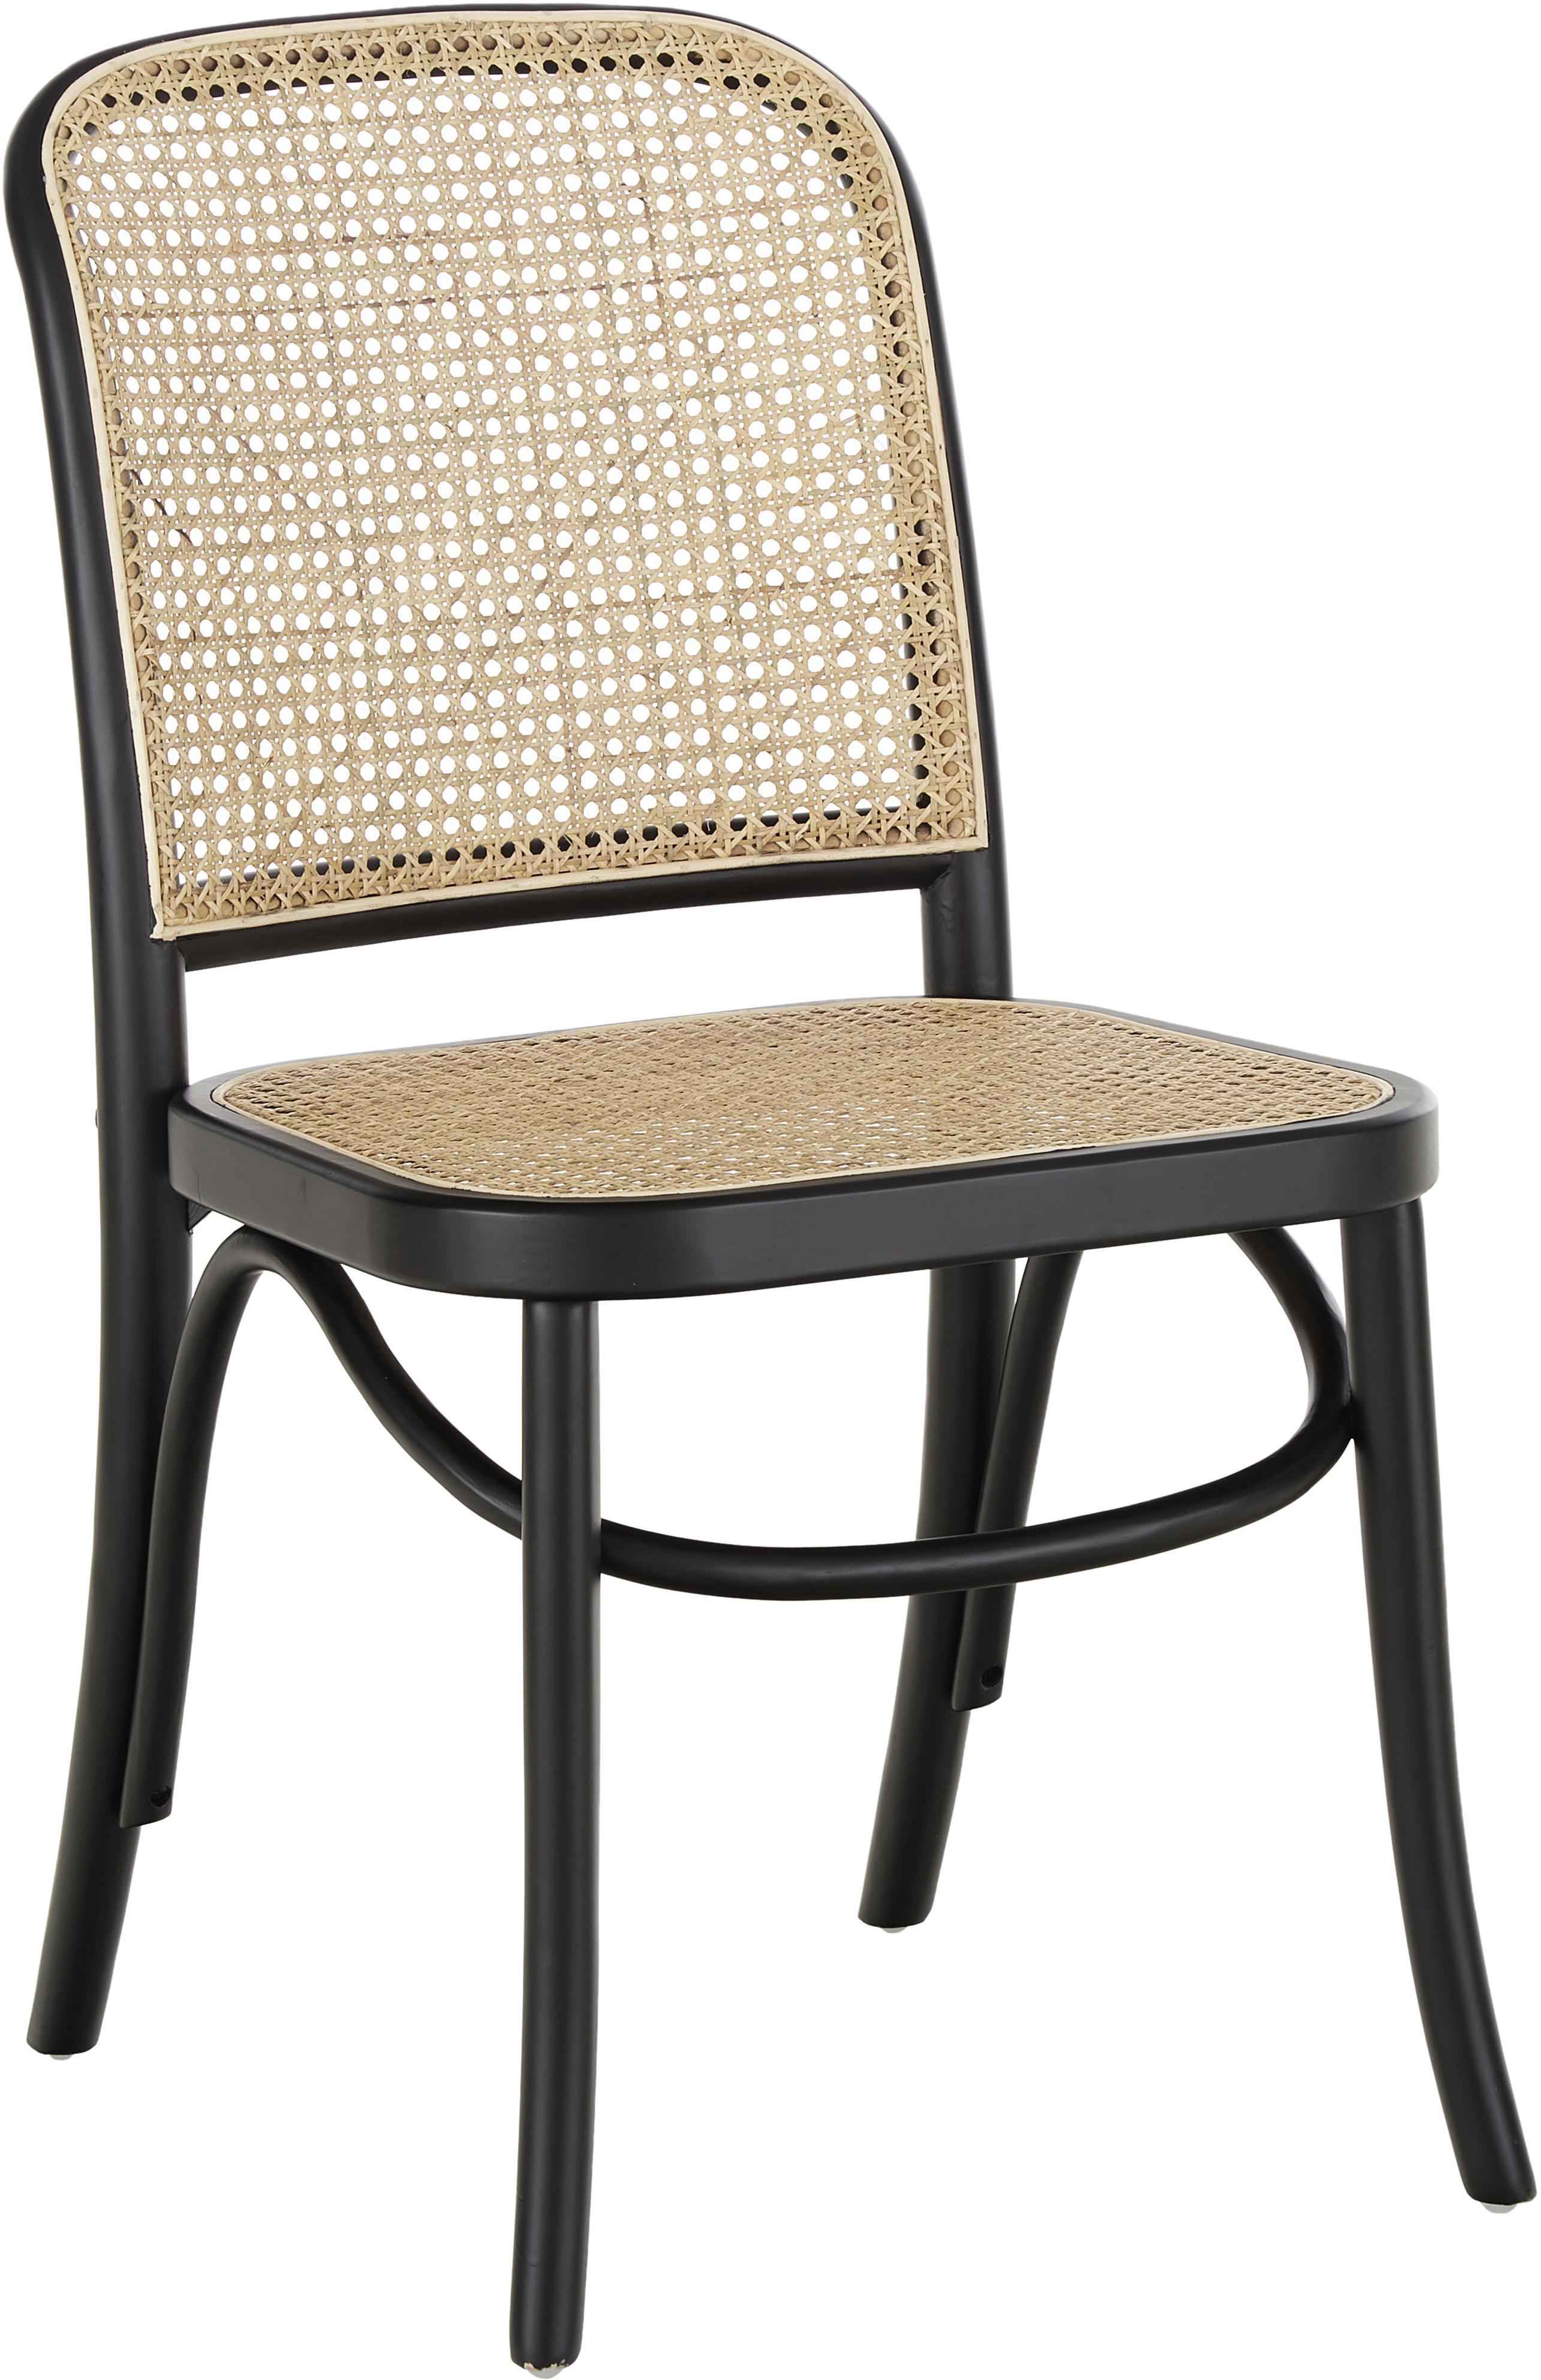 Holzstuhl Franz mit Wiener Geflecht, Sitzfläche: Rattan, Gestell: Massives Birkenholz, lack, Schwarz, B 48 x T 59 cm